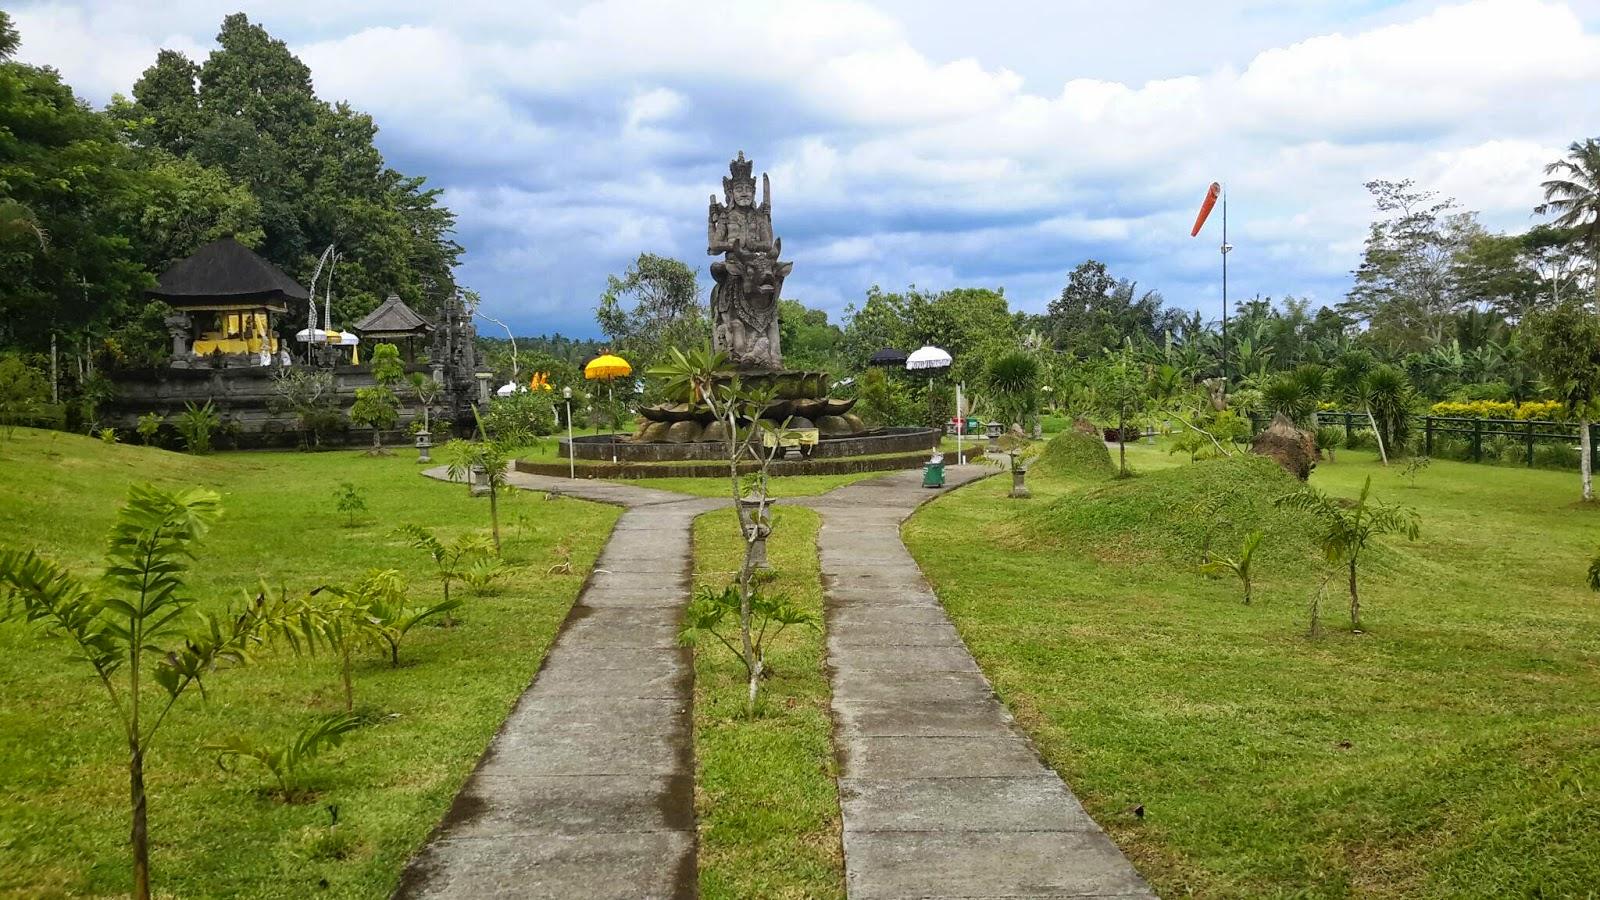 Pengembangan Desa Wisata Di Bali Memanfaatkan Perkembangan